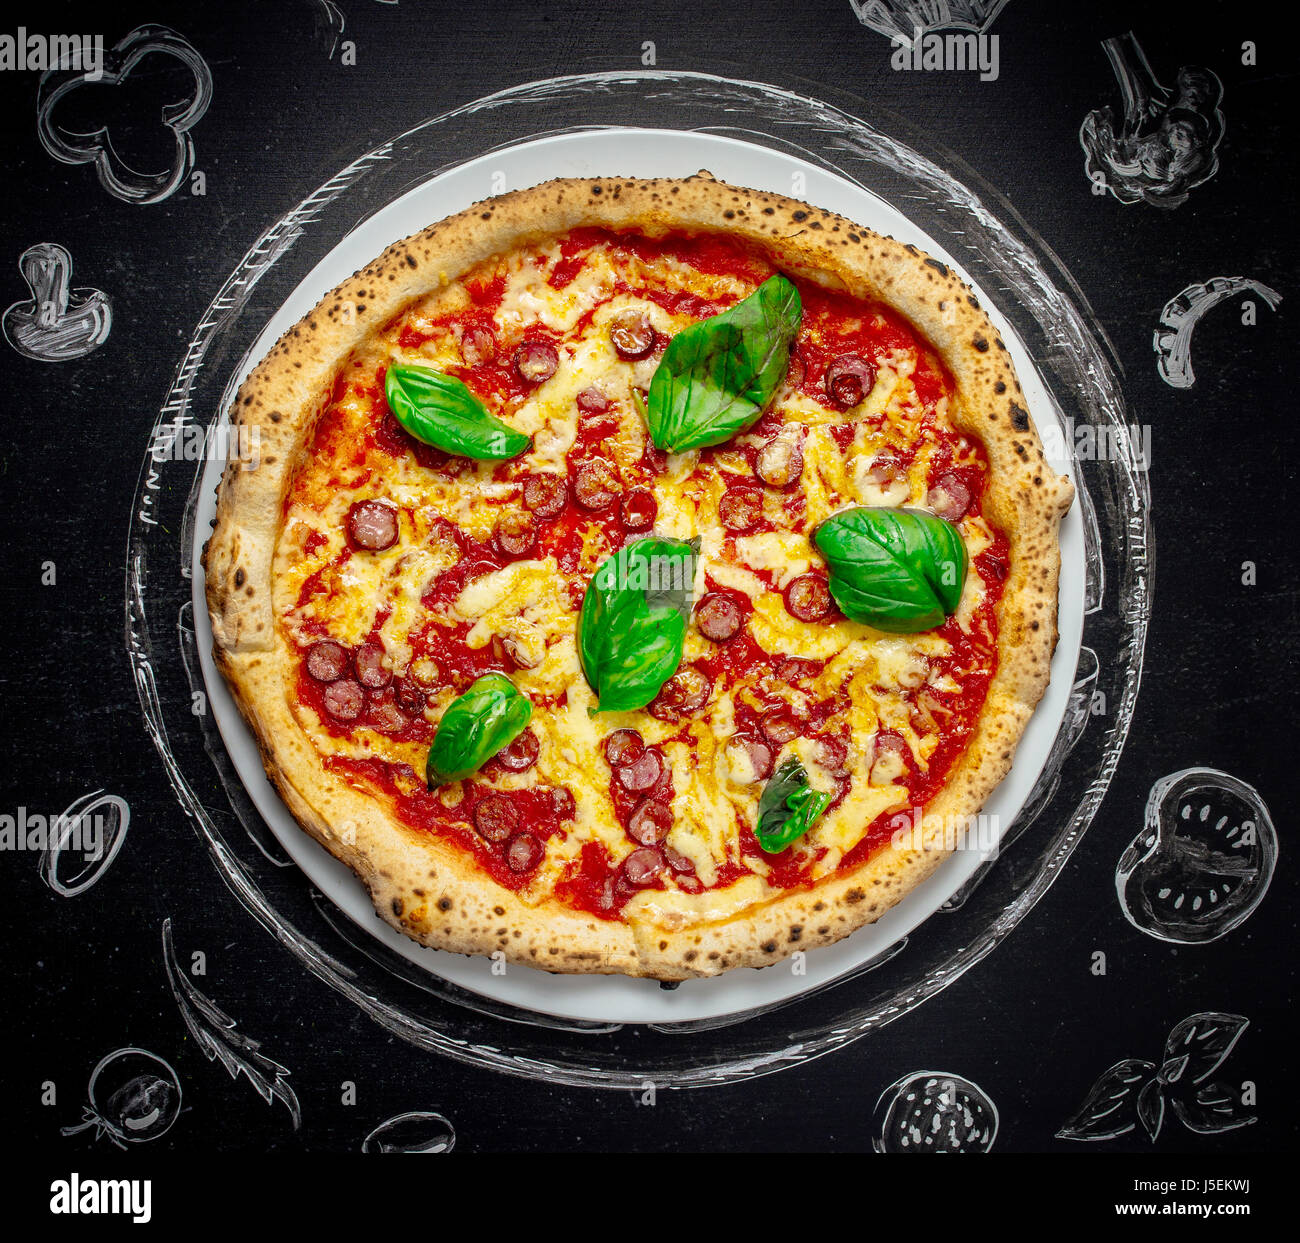 Deliciosa pizza italiana con albahaca Imagen De Stock